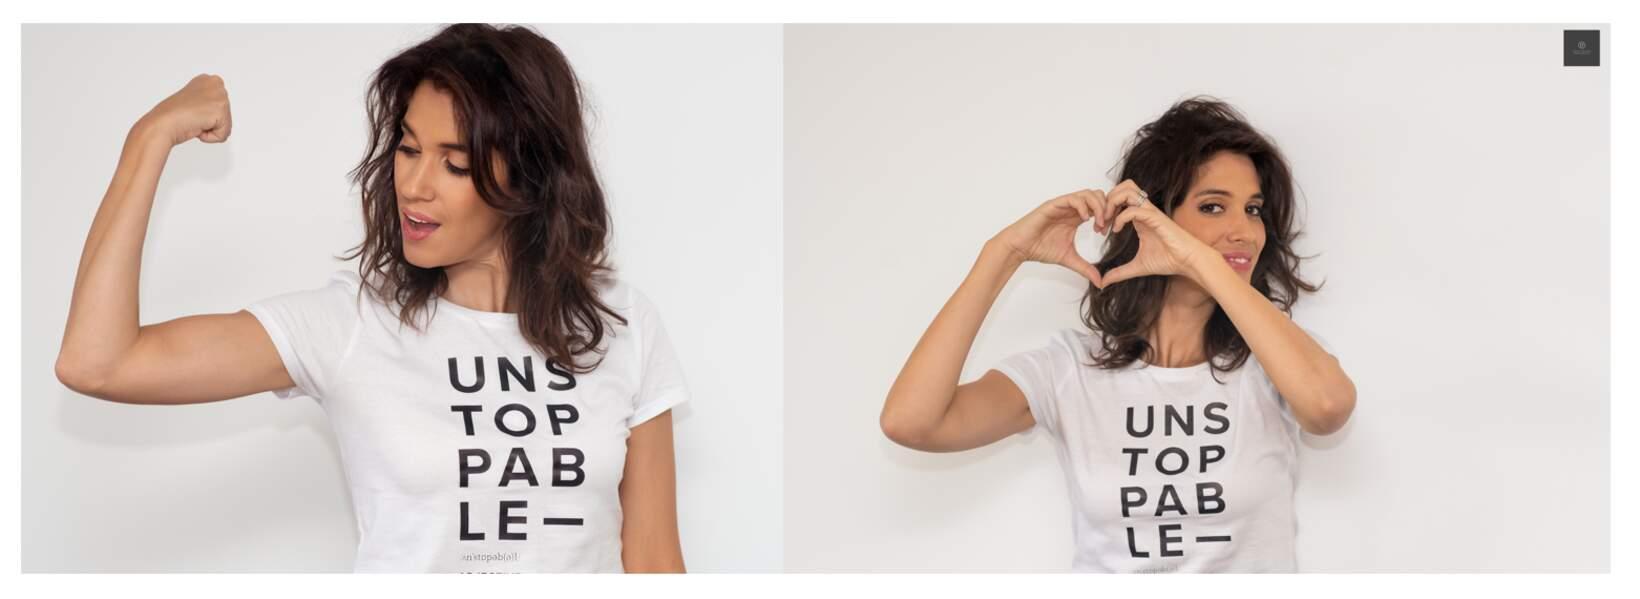 Showroom Privé invite Laurie Cholewa pour soutenir la lutte contre le cancer du pancréas. Tshirt vendu du 3 au 7/10